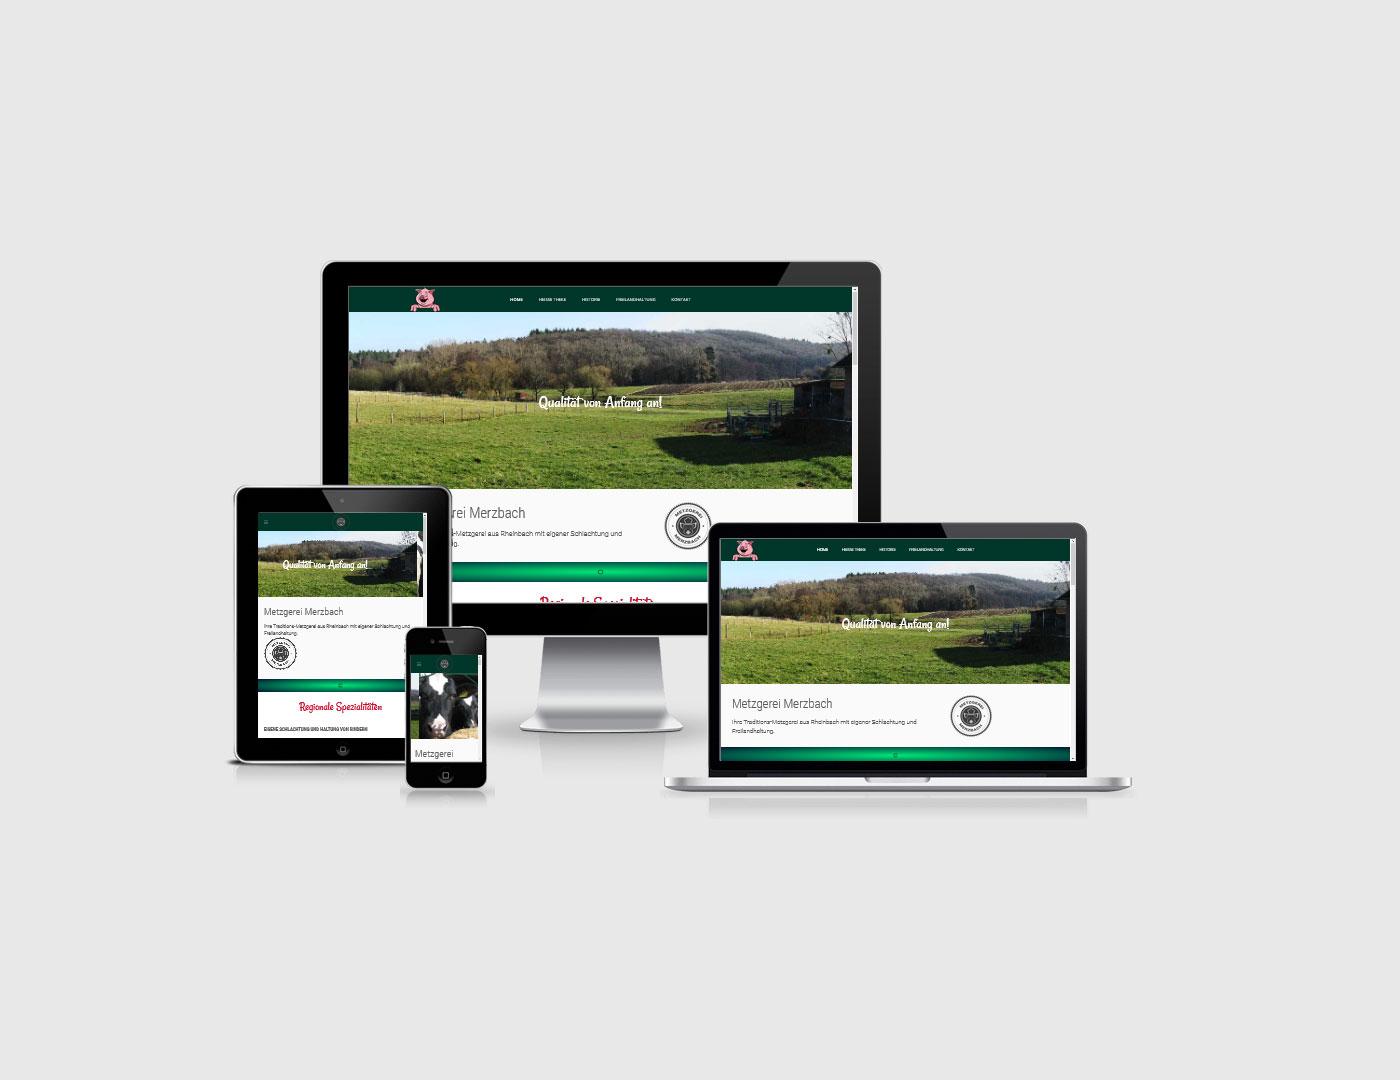 Webdesign Bad Neuenahr-Ahrweiler hat eine neue Webseite für eine Metzgerrei erstellt